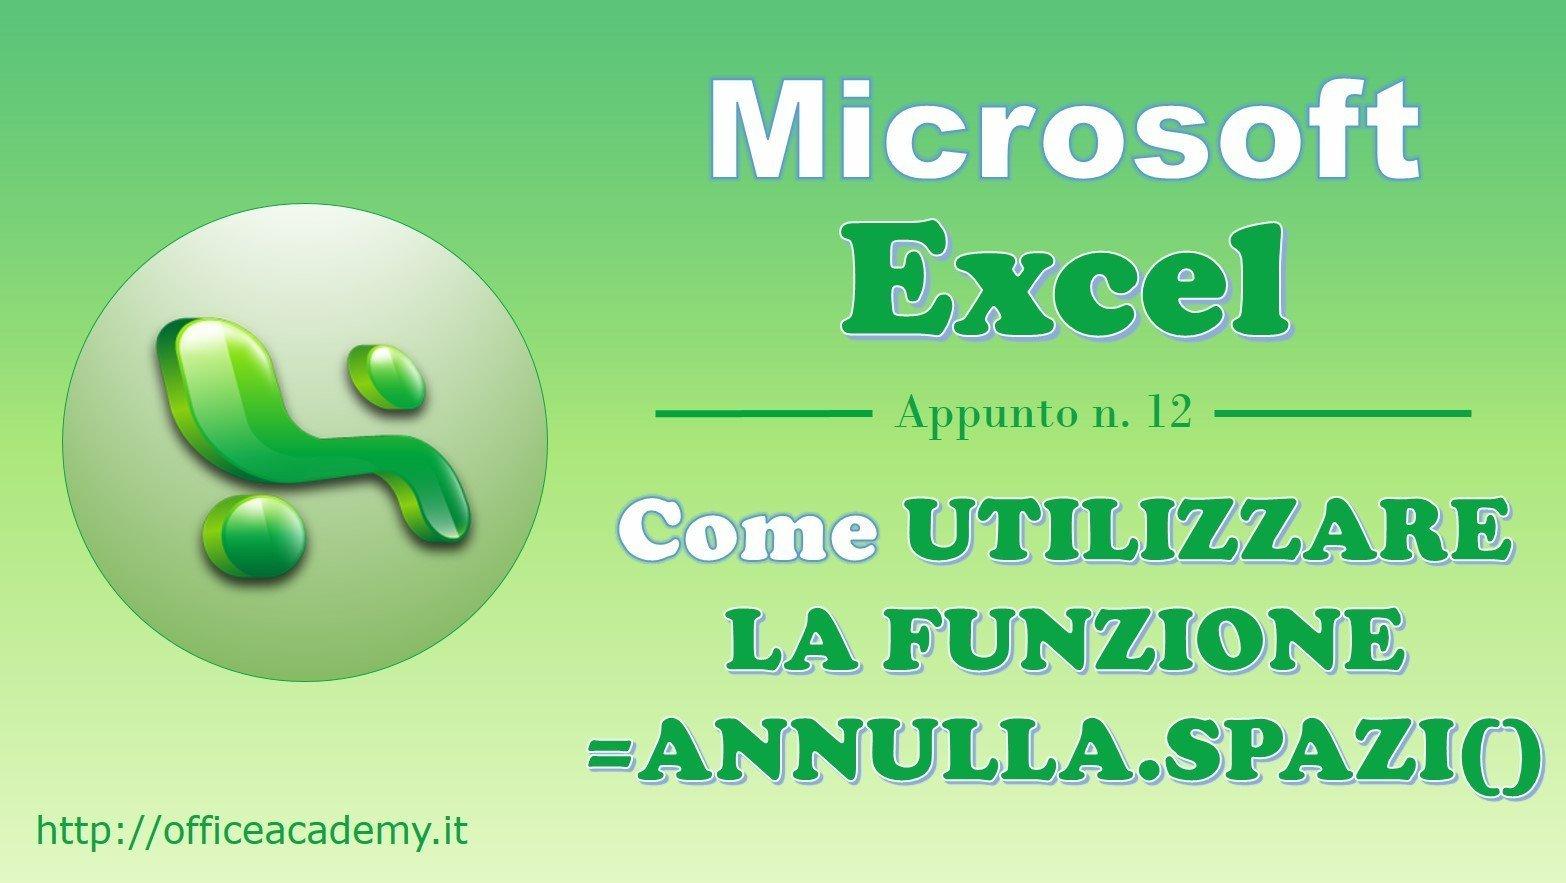 #Excel - La funzione ANNULLA.SPAZI() 2